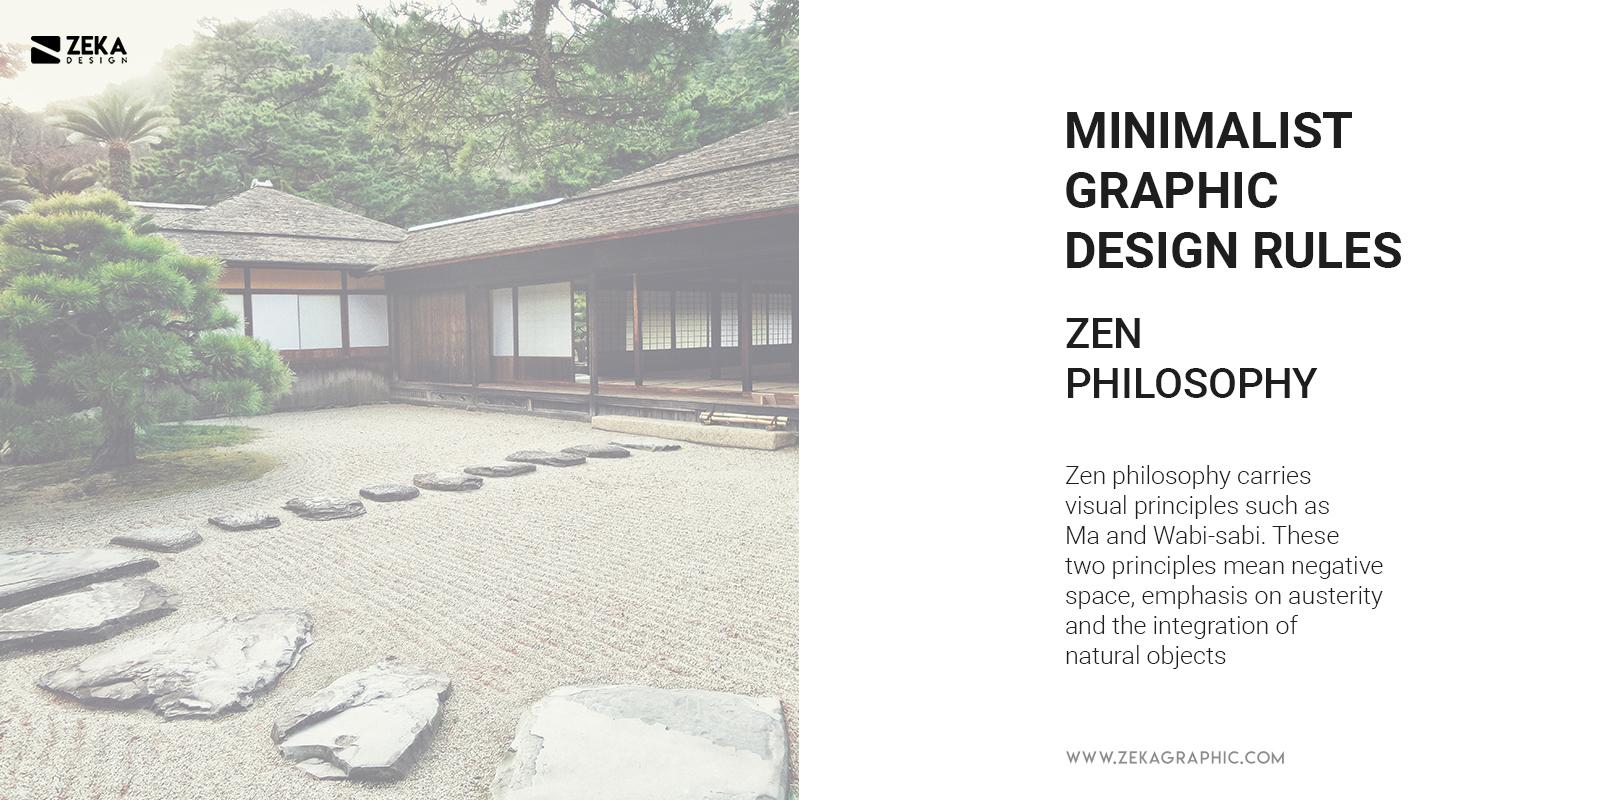 Zen Philosophy in Minimalist Graphic Design